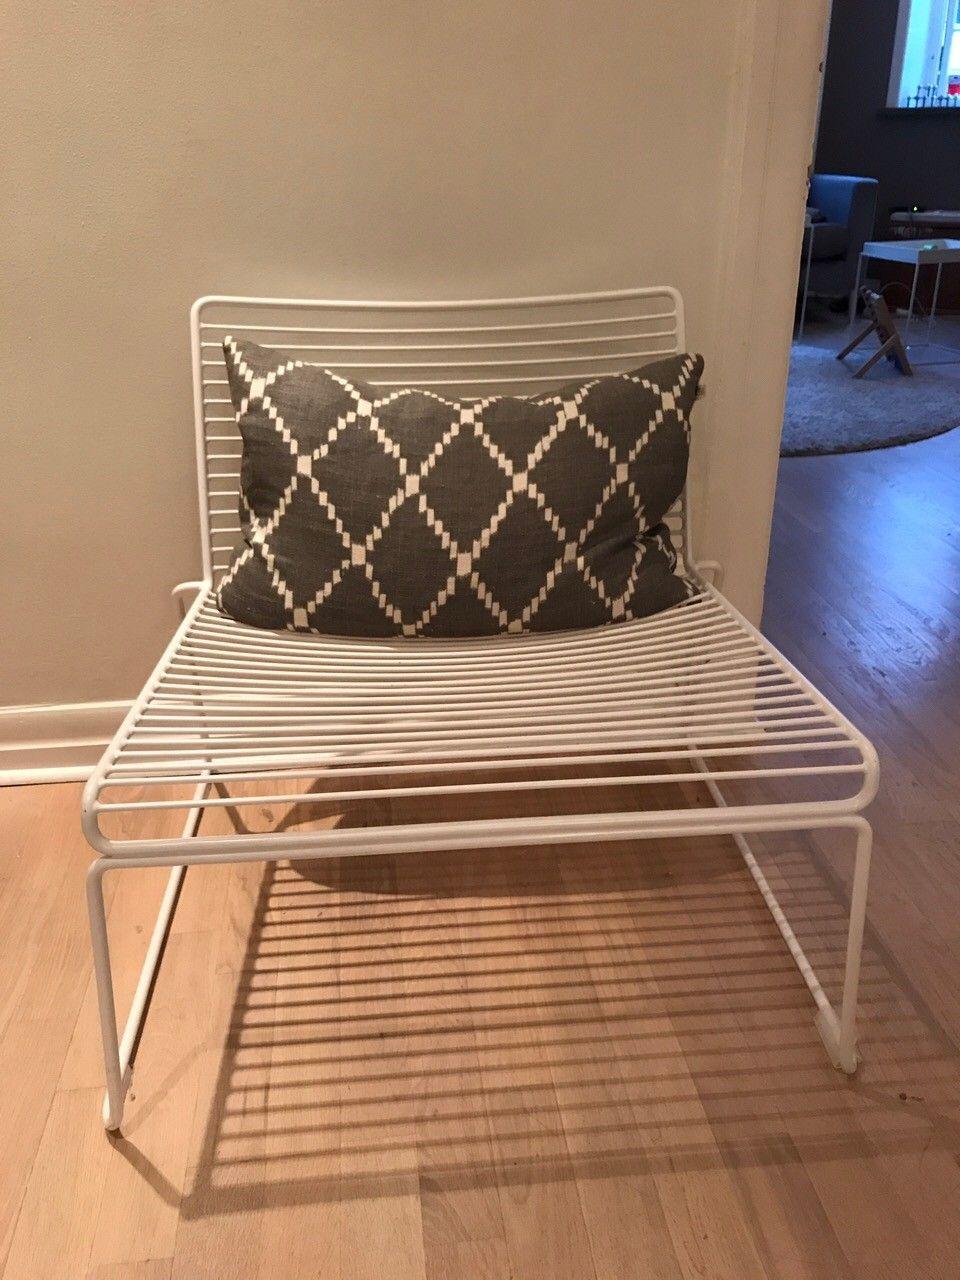 Hay Lounge chair og retro lounge chair til salgs - Oslo  - En hvit Hay Hee lounge chair i god stand og retro stol selges til god pris 1500kr for Hay-stolen, 300kr for retrostolen  - Oslo